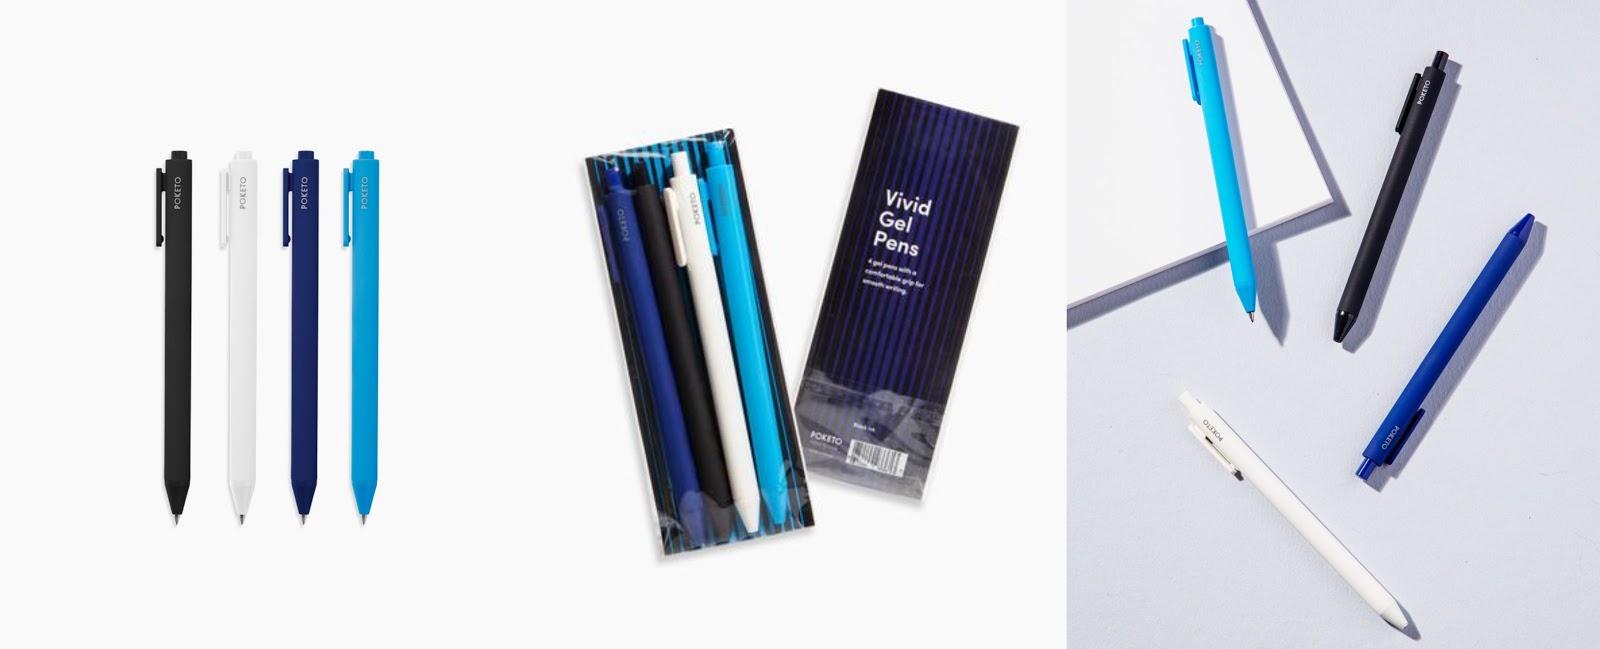 Poketo Vivid Gel Pen Set in Cool